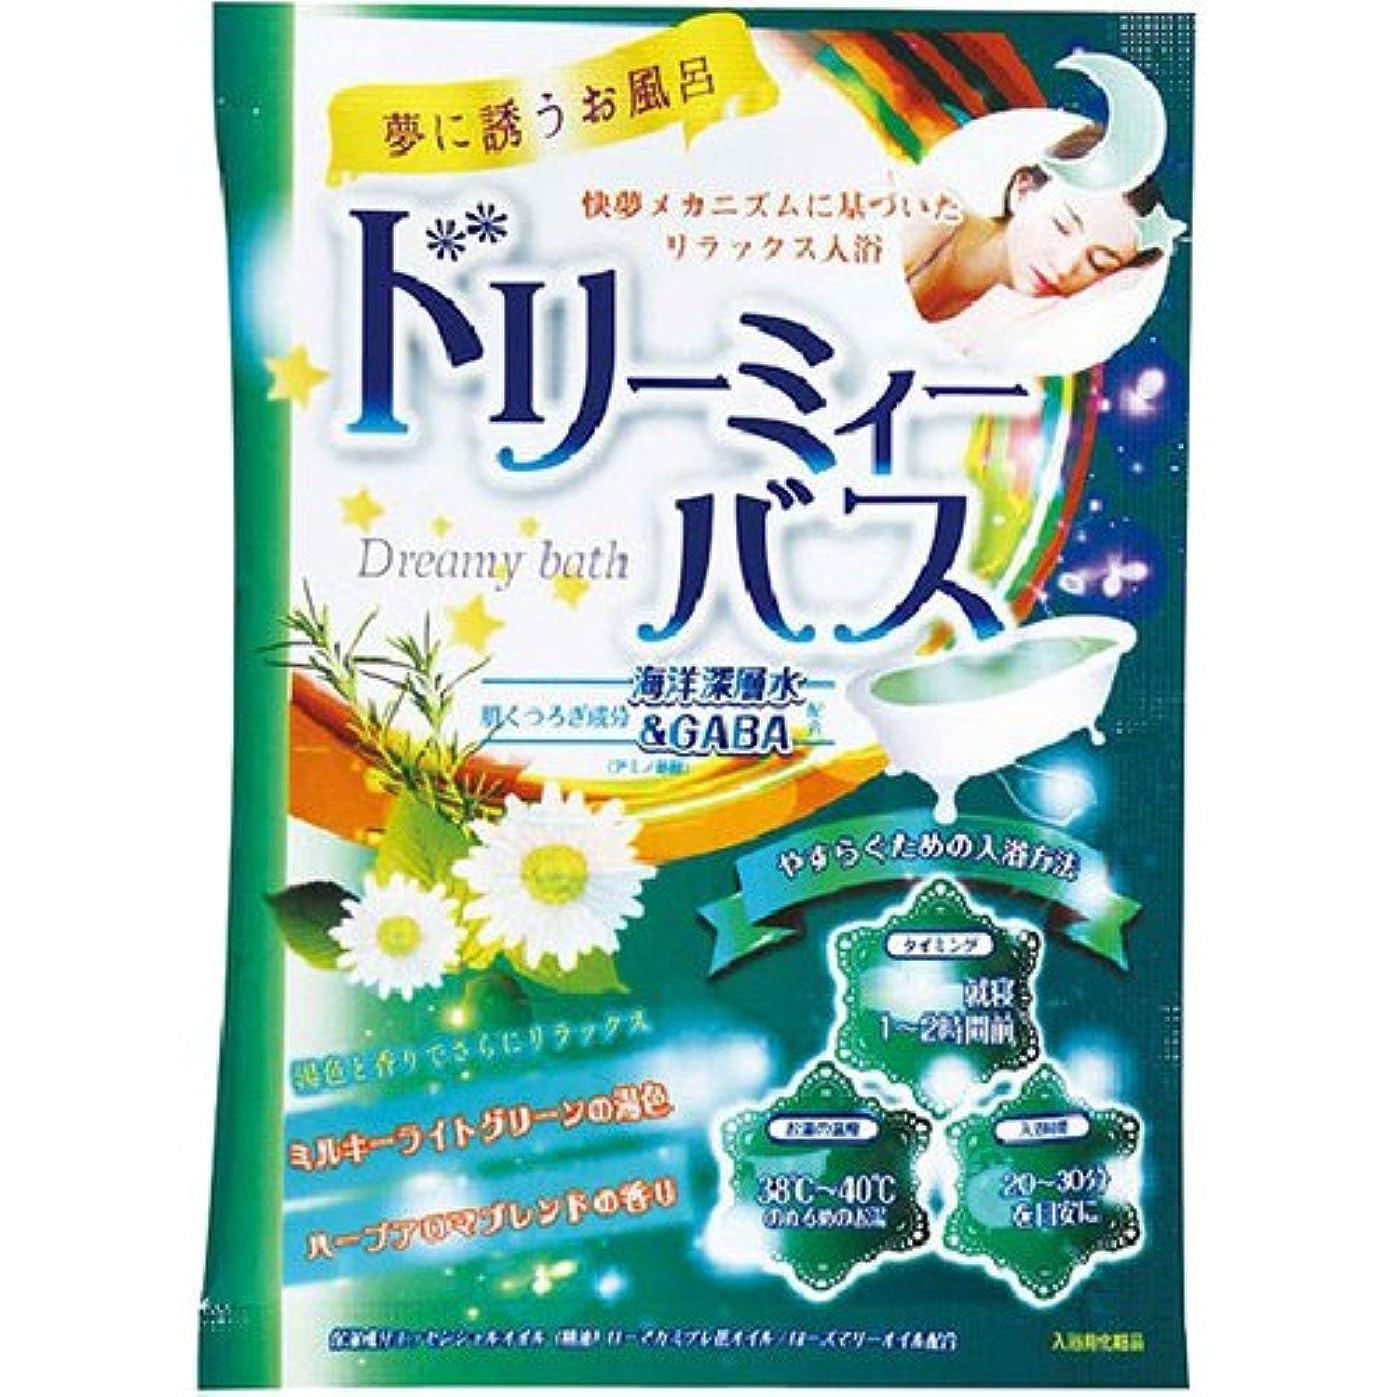 量豊富レッスンドリーミィーバス ハーブアロマブレンドの香り 50g